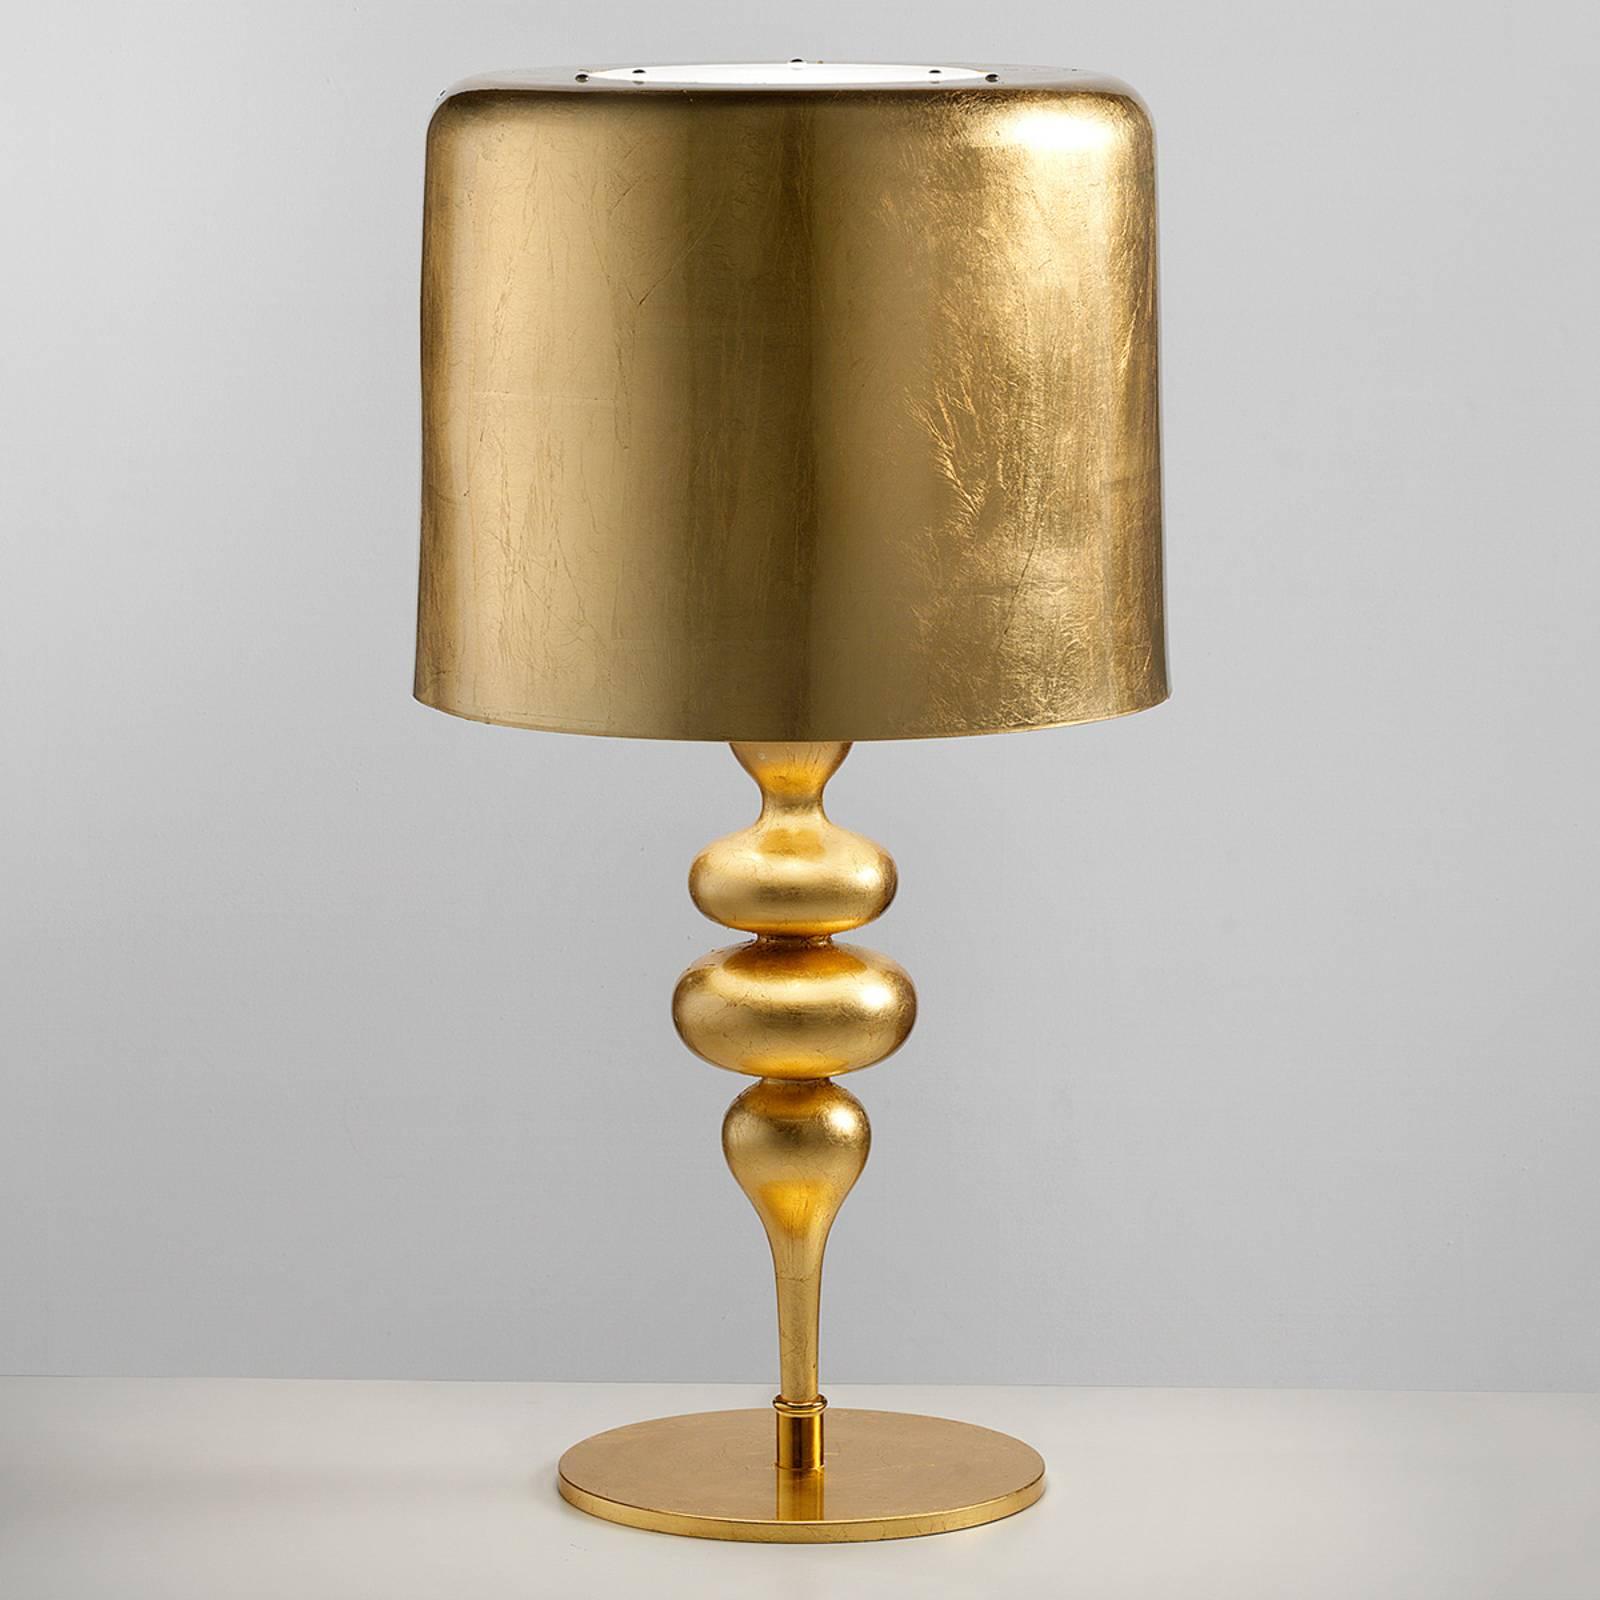 Tischleuchte Eva TL3+1G 75 cm, gold